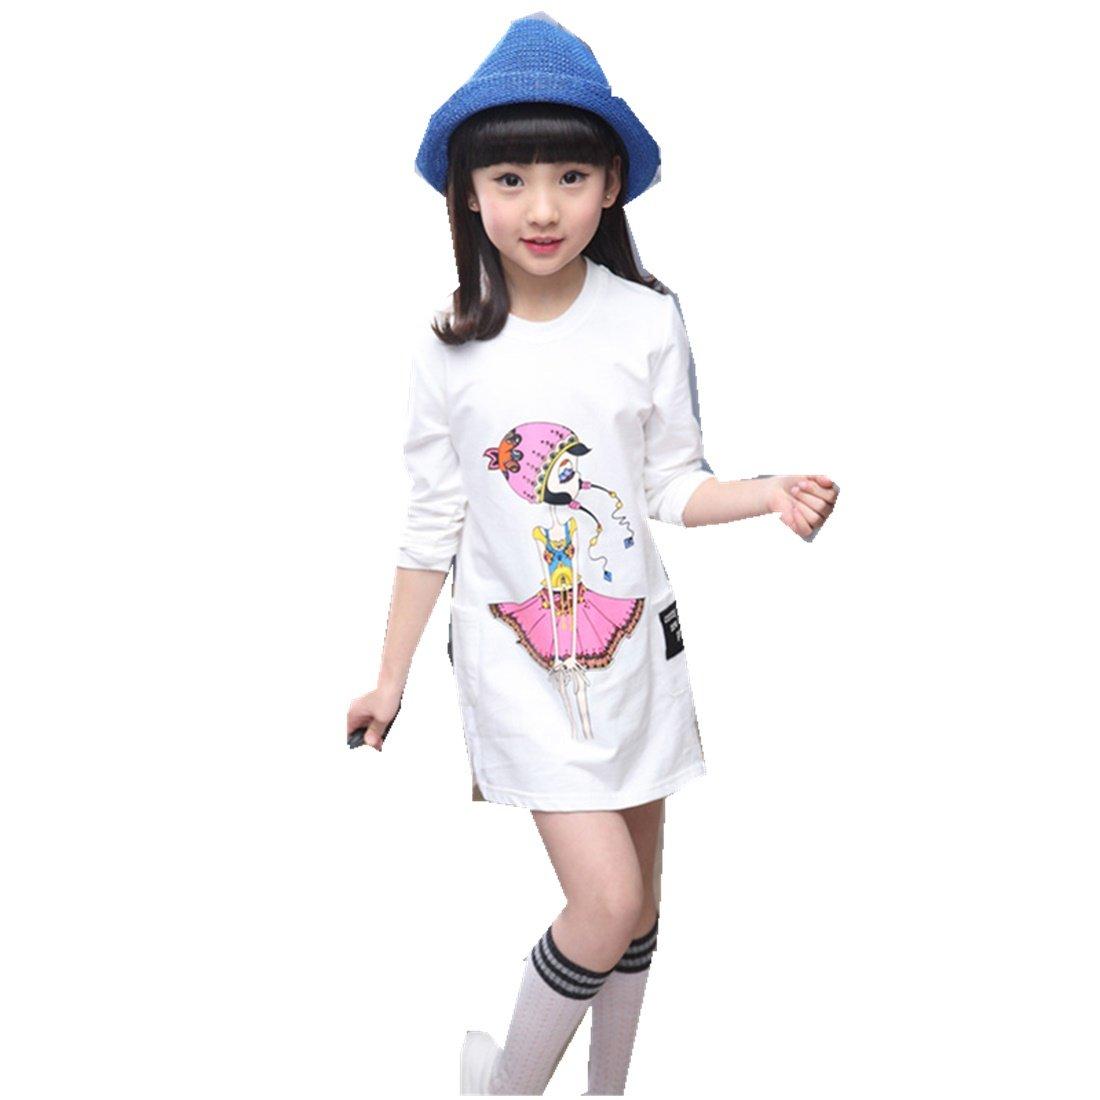 MV New Girls Spring Children's Long-Sleeved Shirt Underwear Clothing Korean T-Shirt